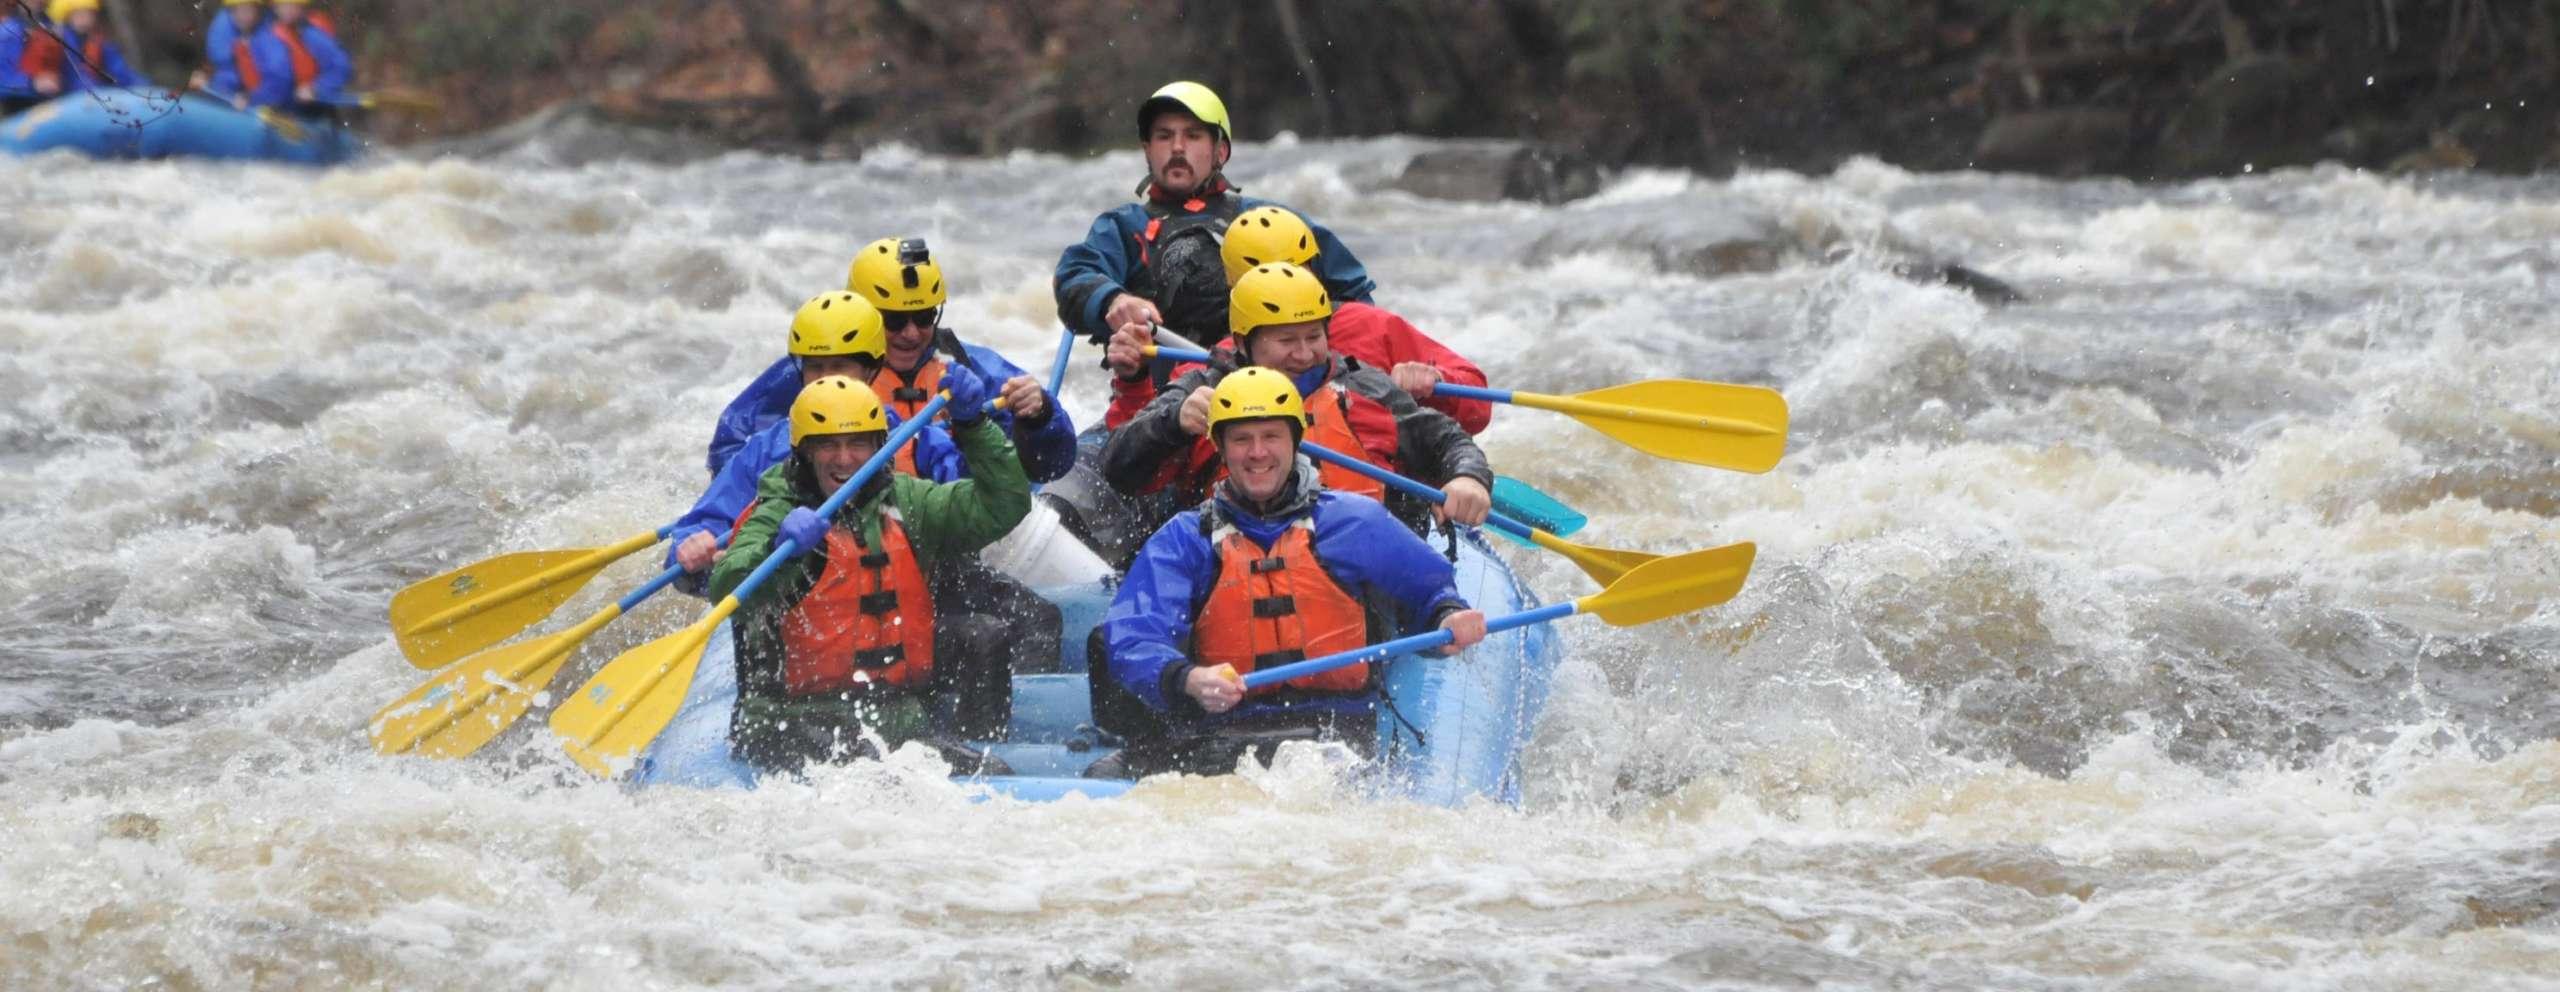 Group navigating rapids